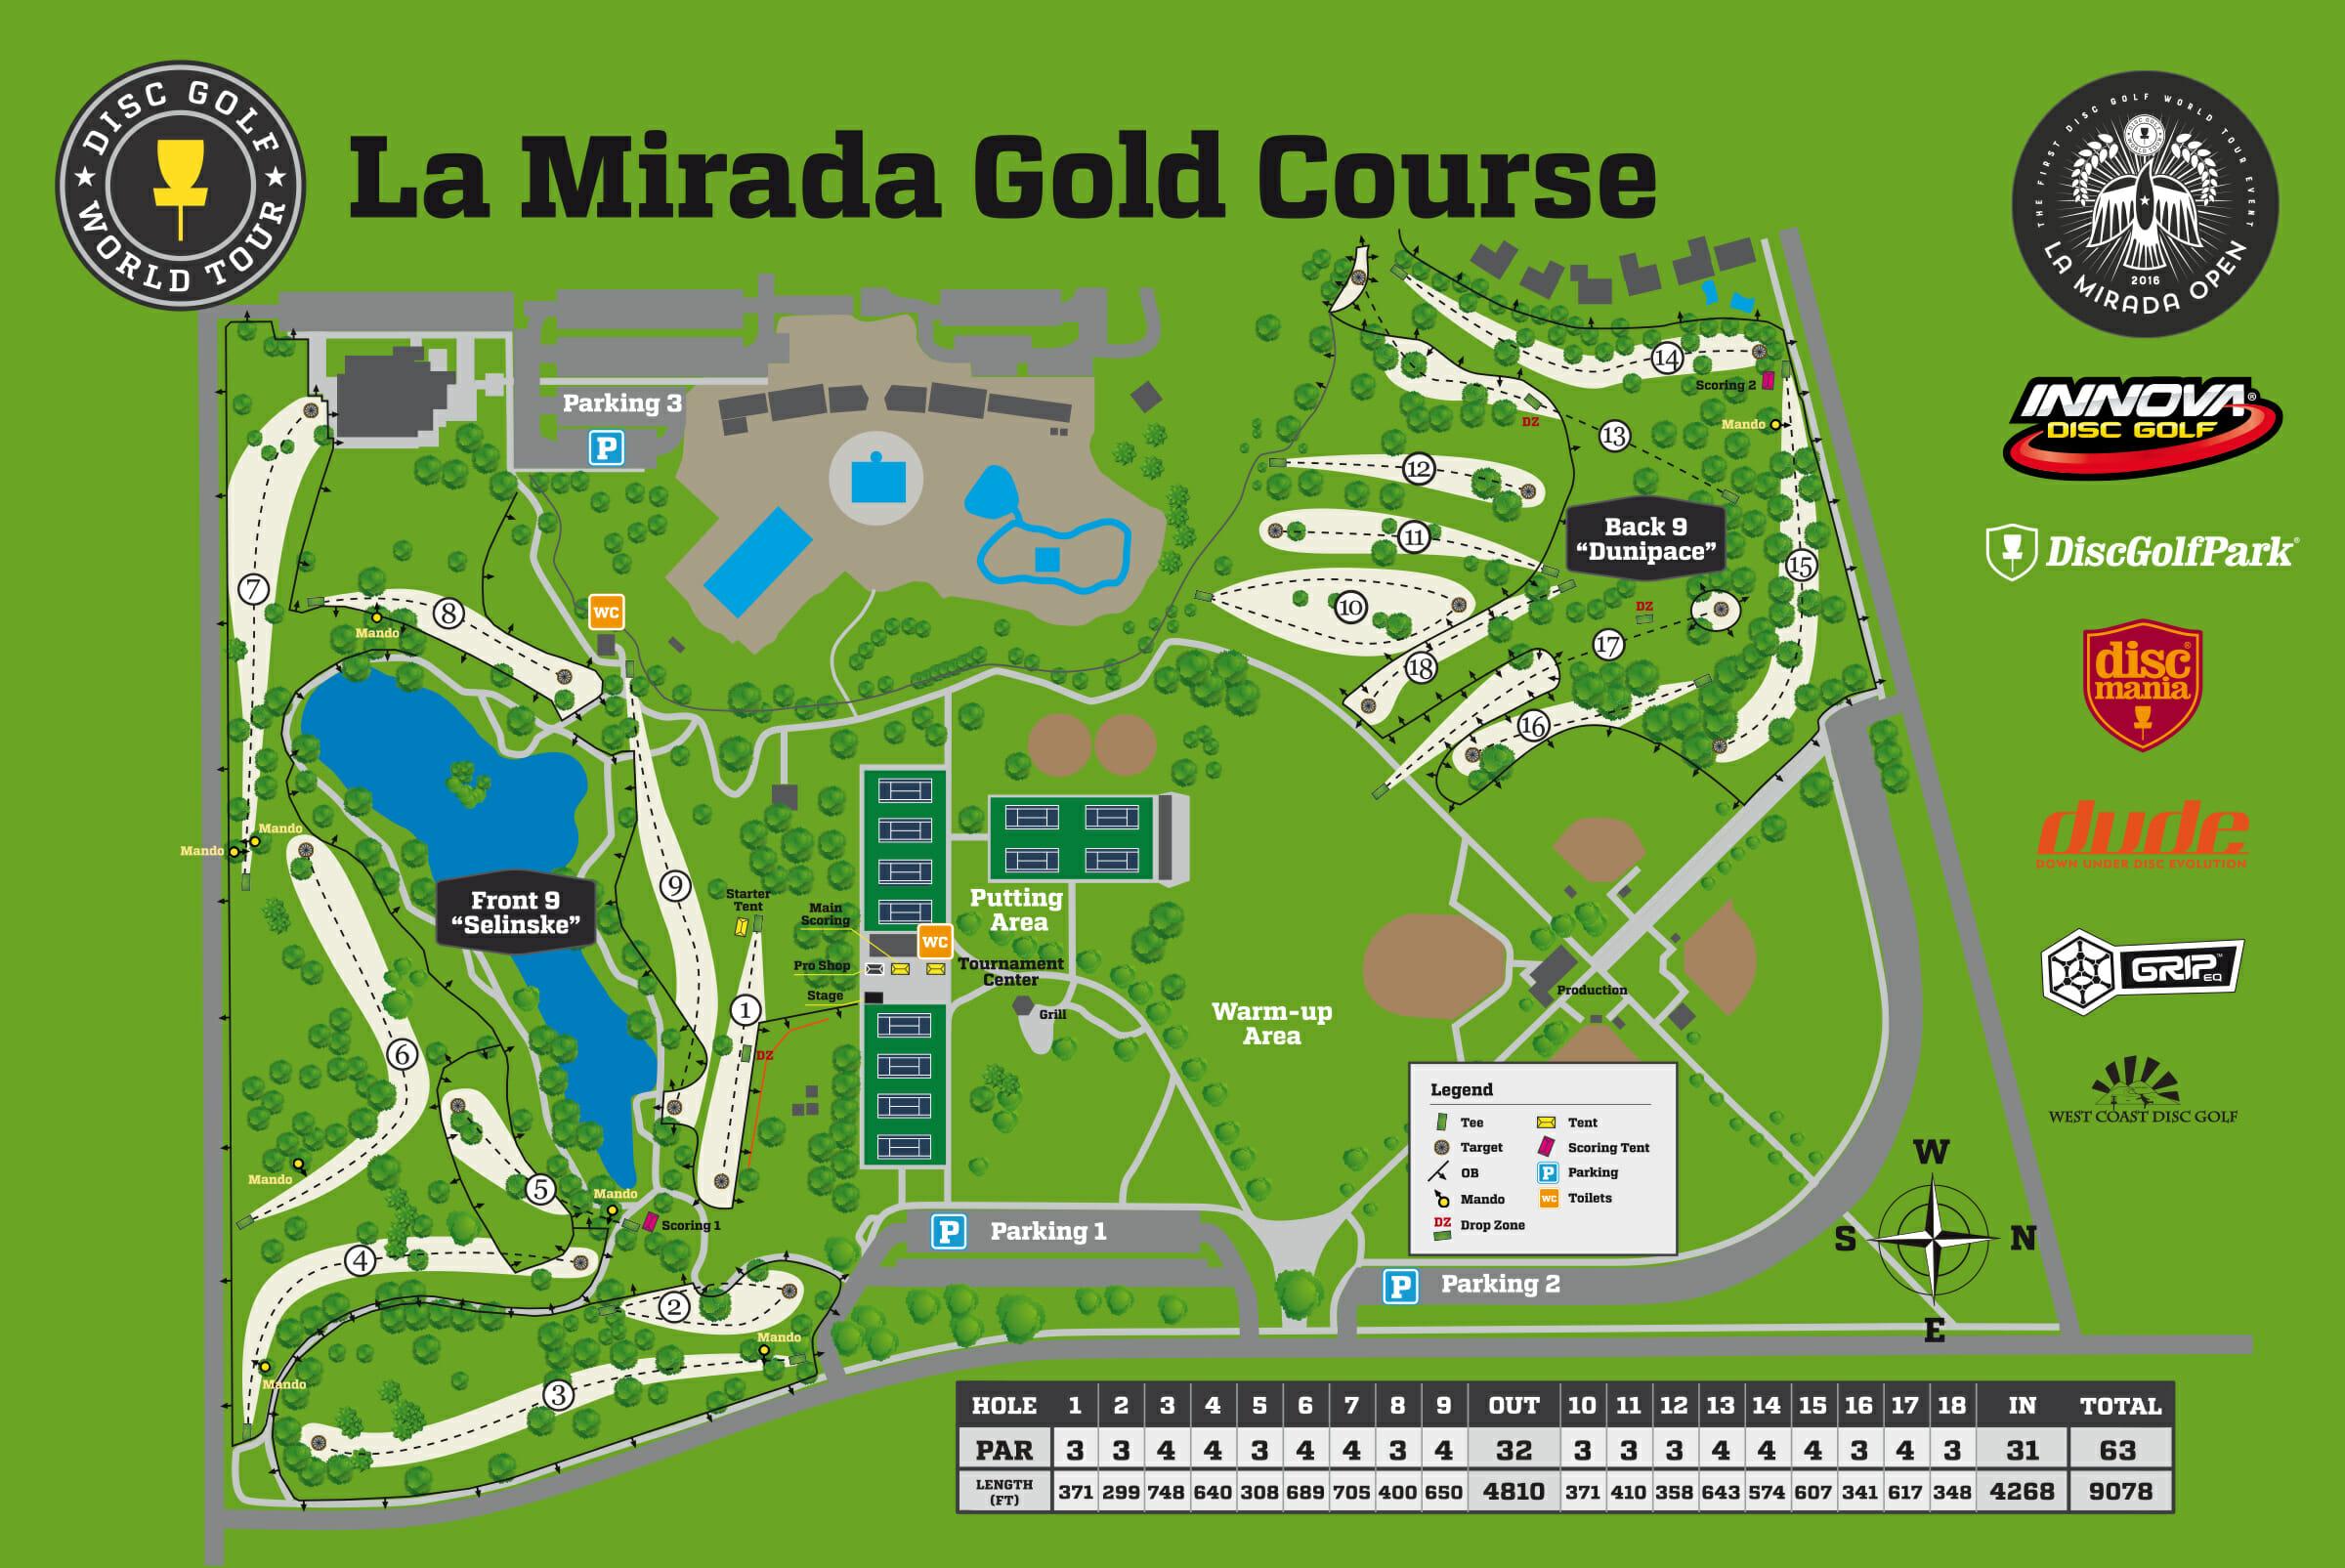 La Mirada Course